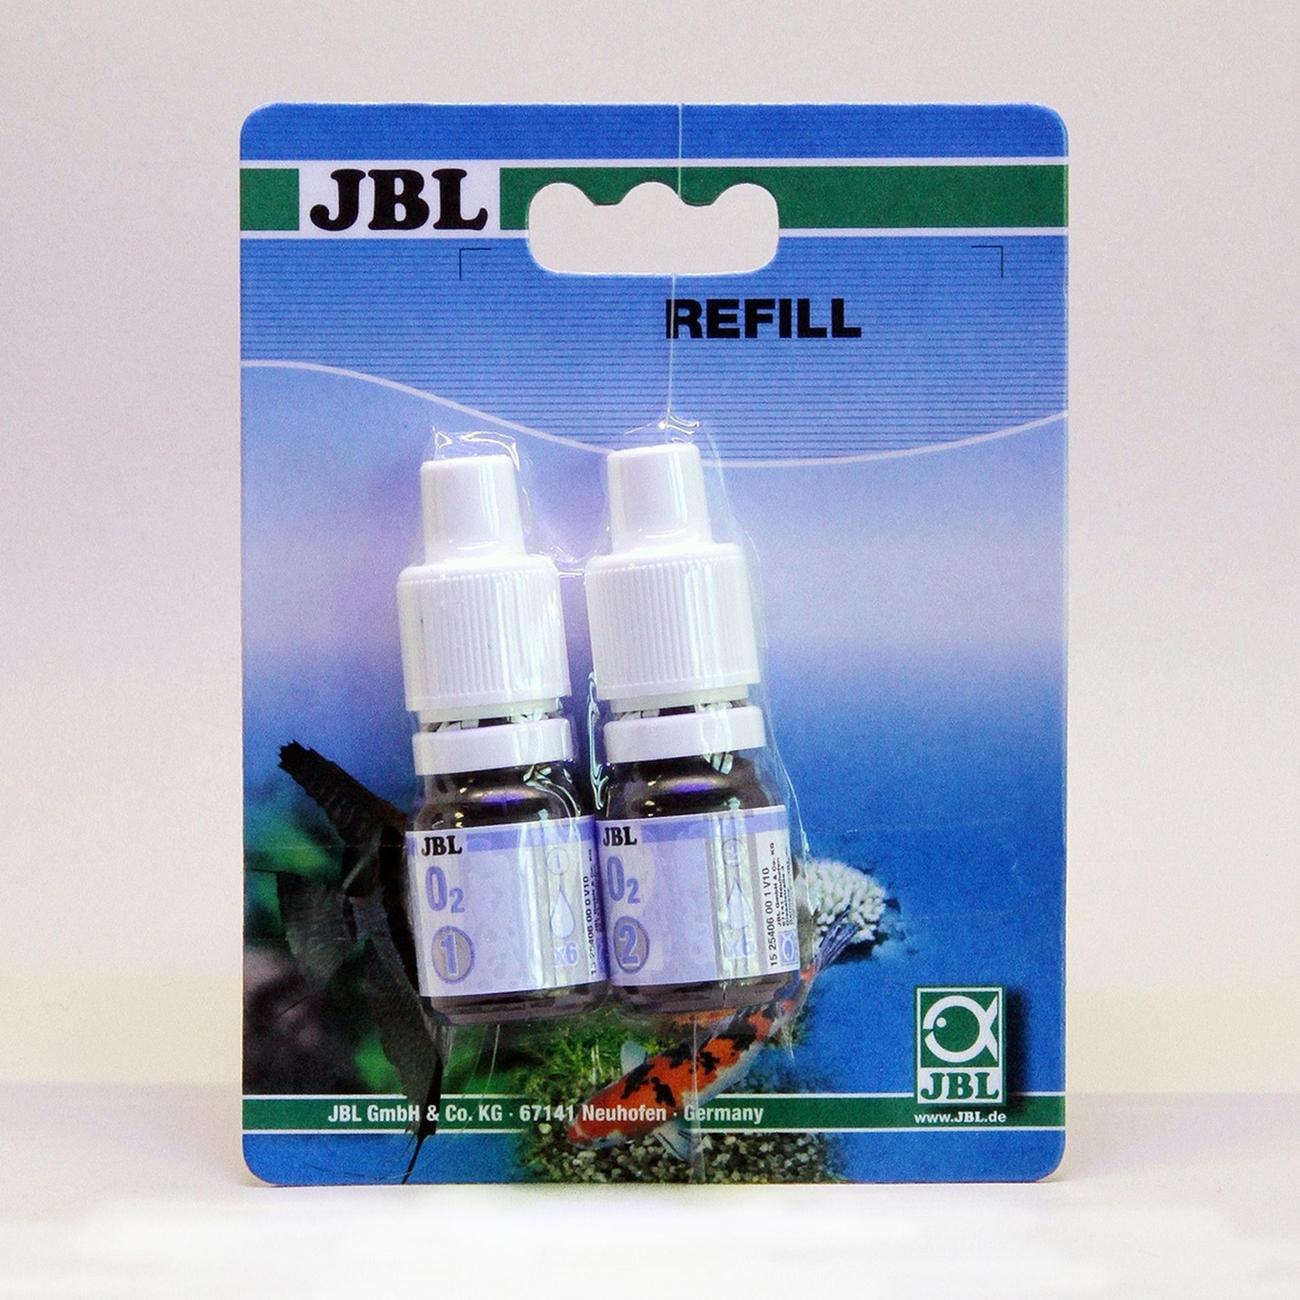 JBL O2 Sauerstoff Schnelltest zur Bestimmung des Sauerstoffgehalts in Süß-/Meerwasser-Aquarien & Teichen, Nachfüllpack